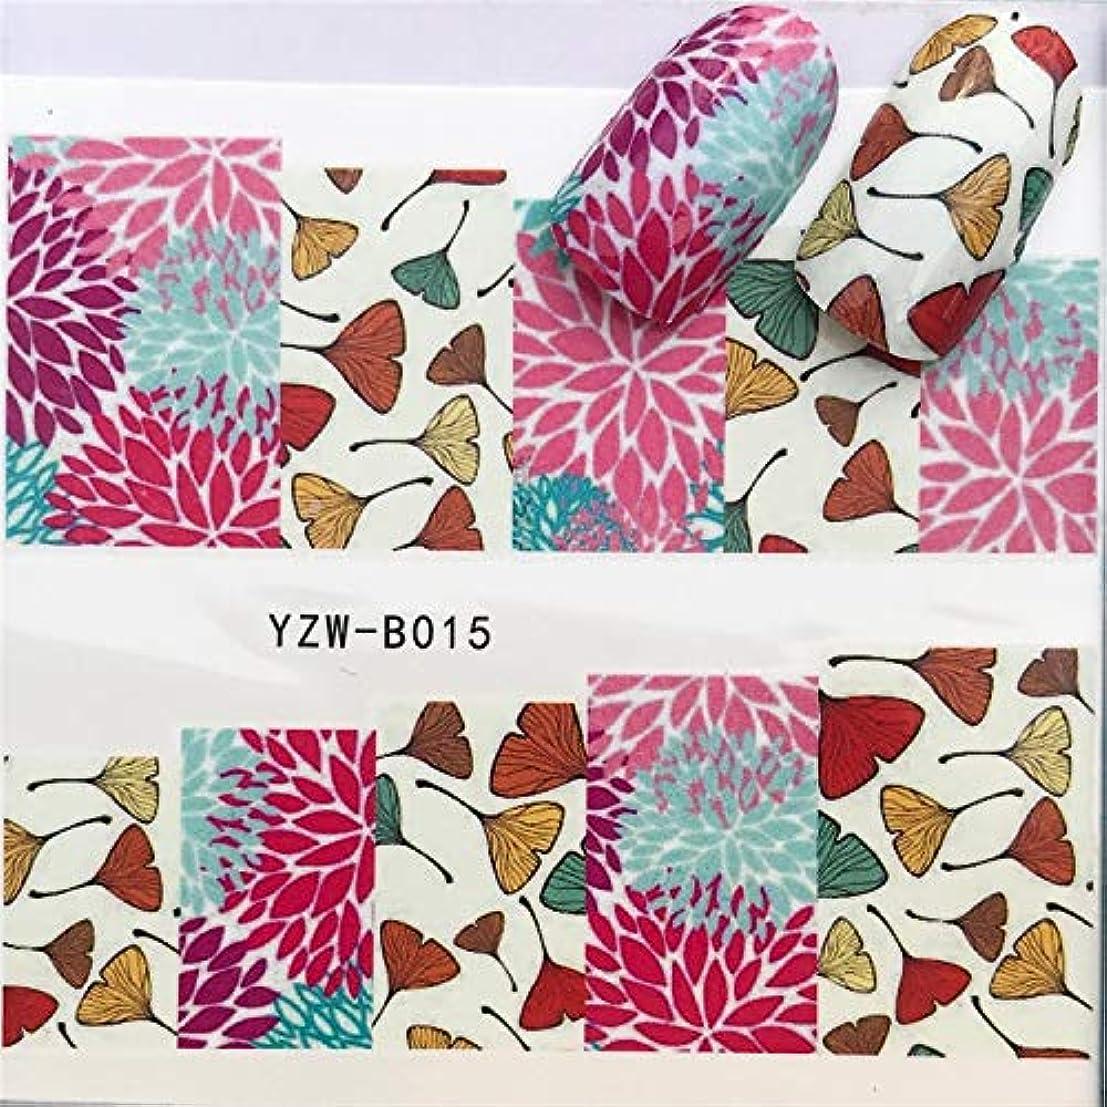 ビューティー&パーソナルケア 3ピースネイルステッカーセットデカール水転写スライダーネイルアートデコレーション、色:YZWB016 ステッカー&デカール